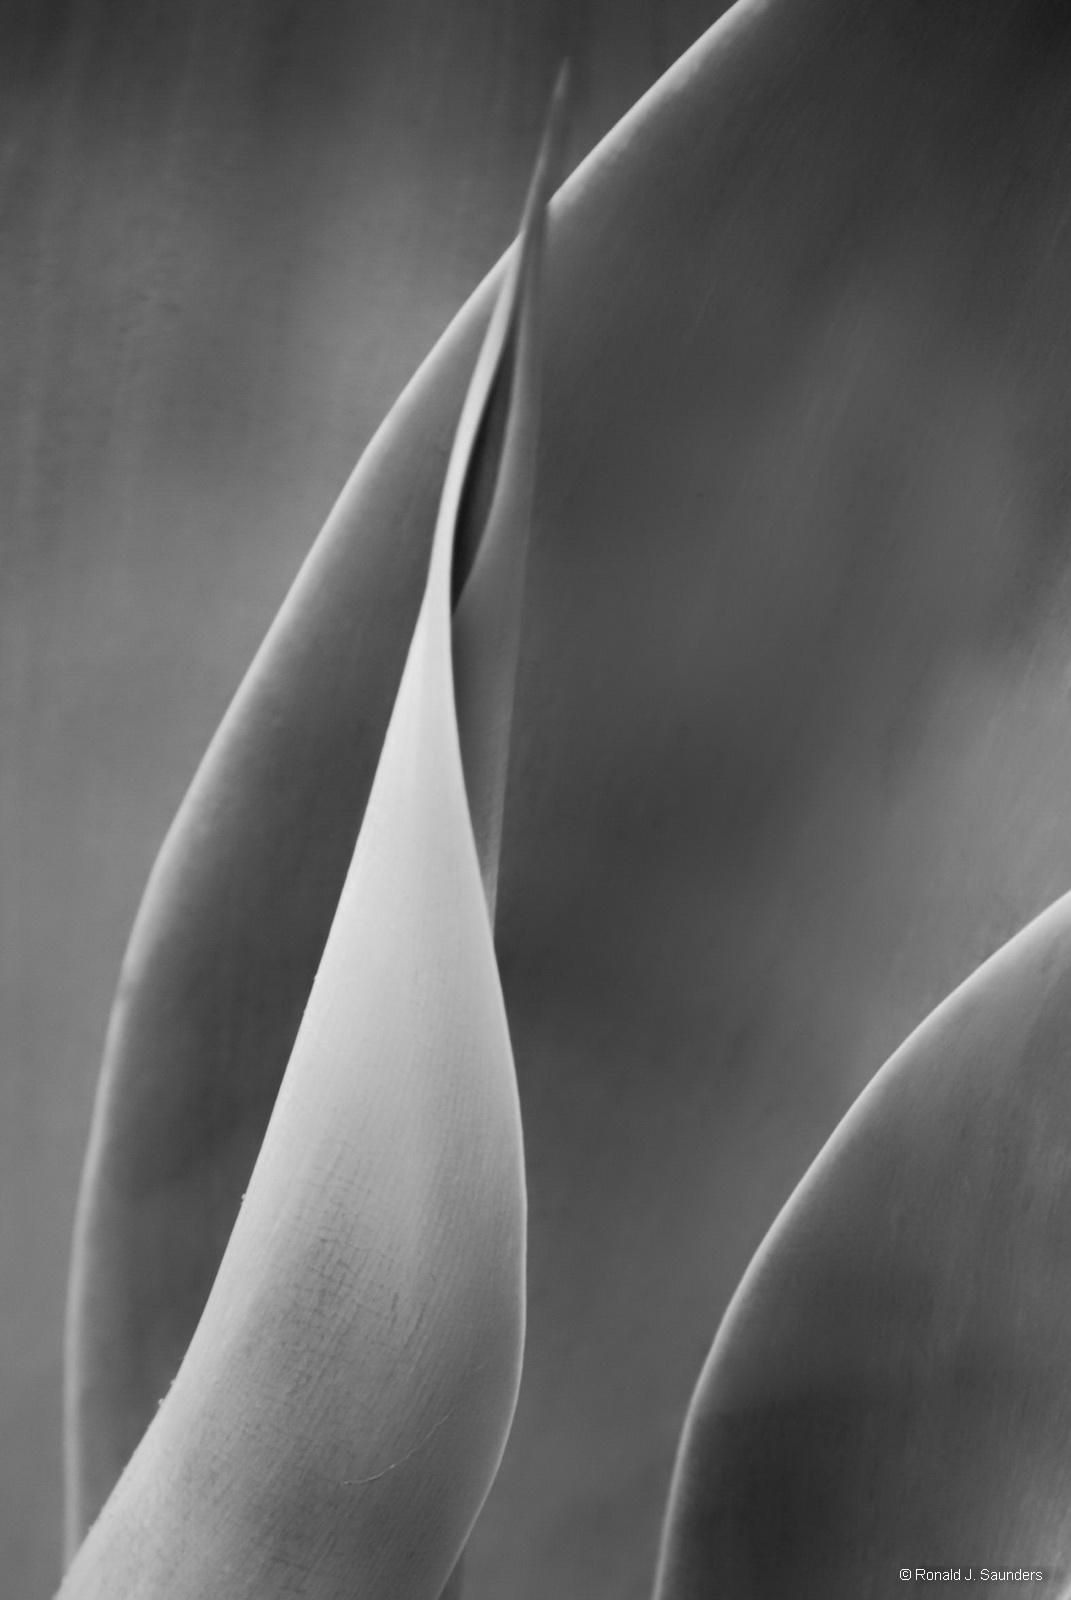 ronald, saunders, digital, photography, image, ronald, foliage, yucca, plant, black, white, soft, peaceful, photo